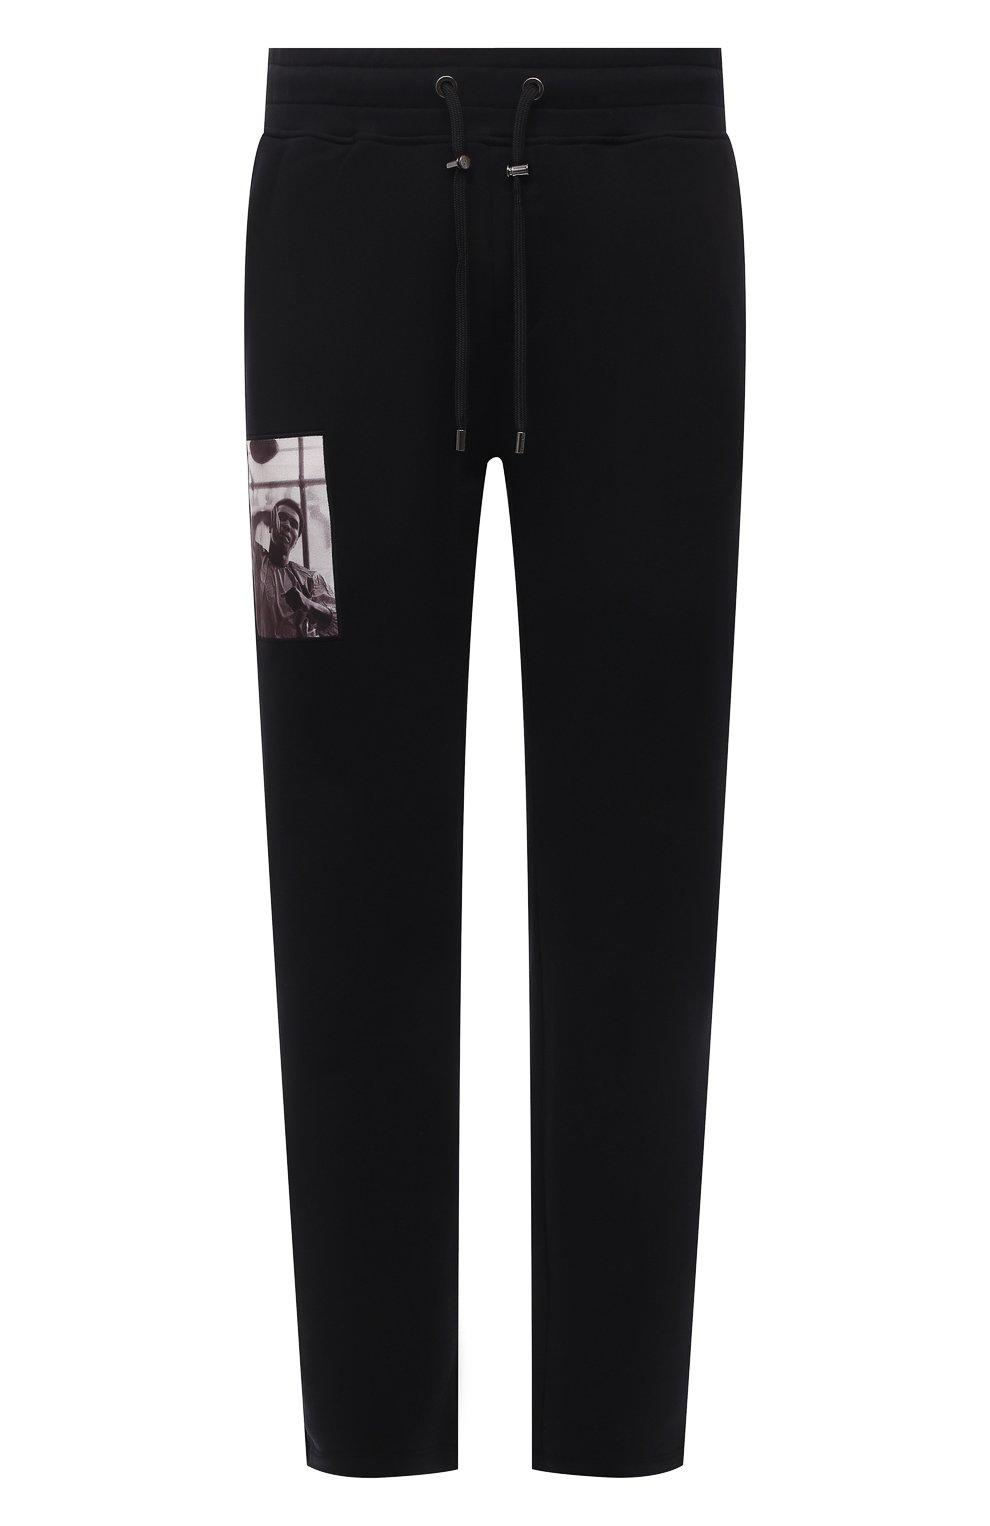 Мужские хлопковые брюки LIMITATO черного цвета, арт. HIT/TRACK PANTS | Фото 1 (Мужское Кросс-КТ: Брюки-трикотаж; Длина (брюки, джинсы): Стандартные; Случай: Повседневный; Материал внешний: Хлопок; Стили: Спорт-шик)